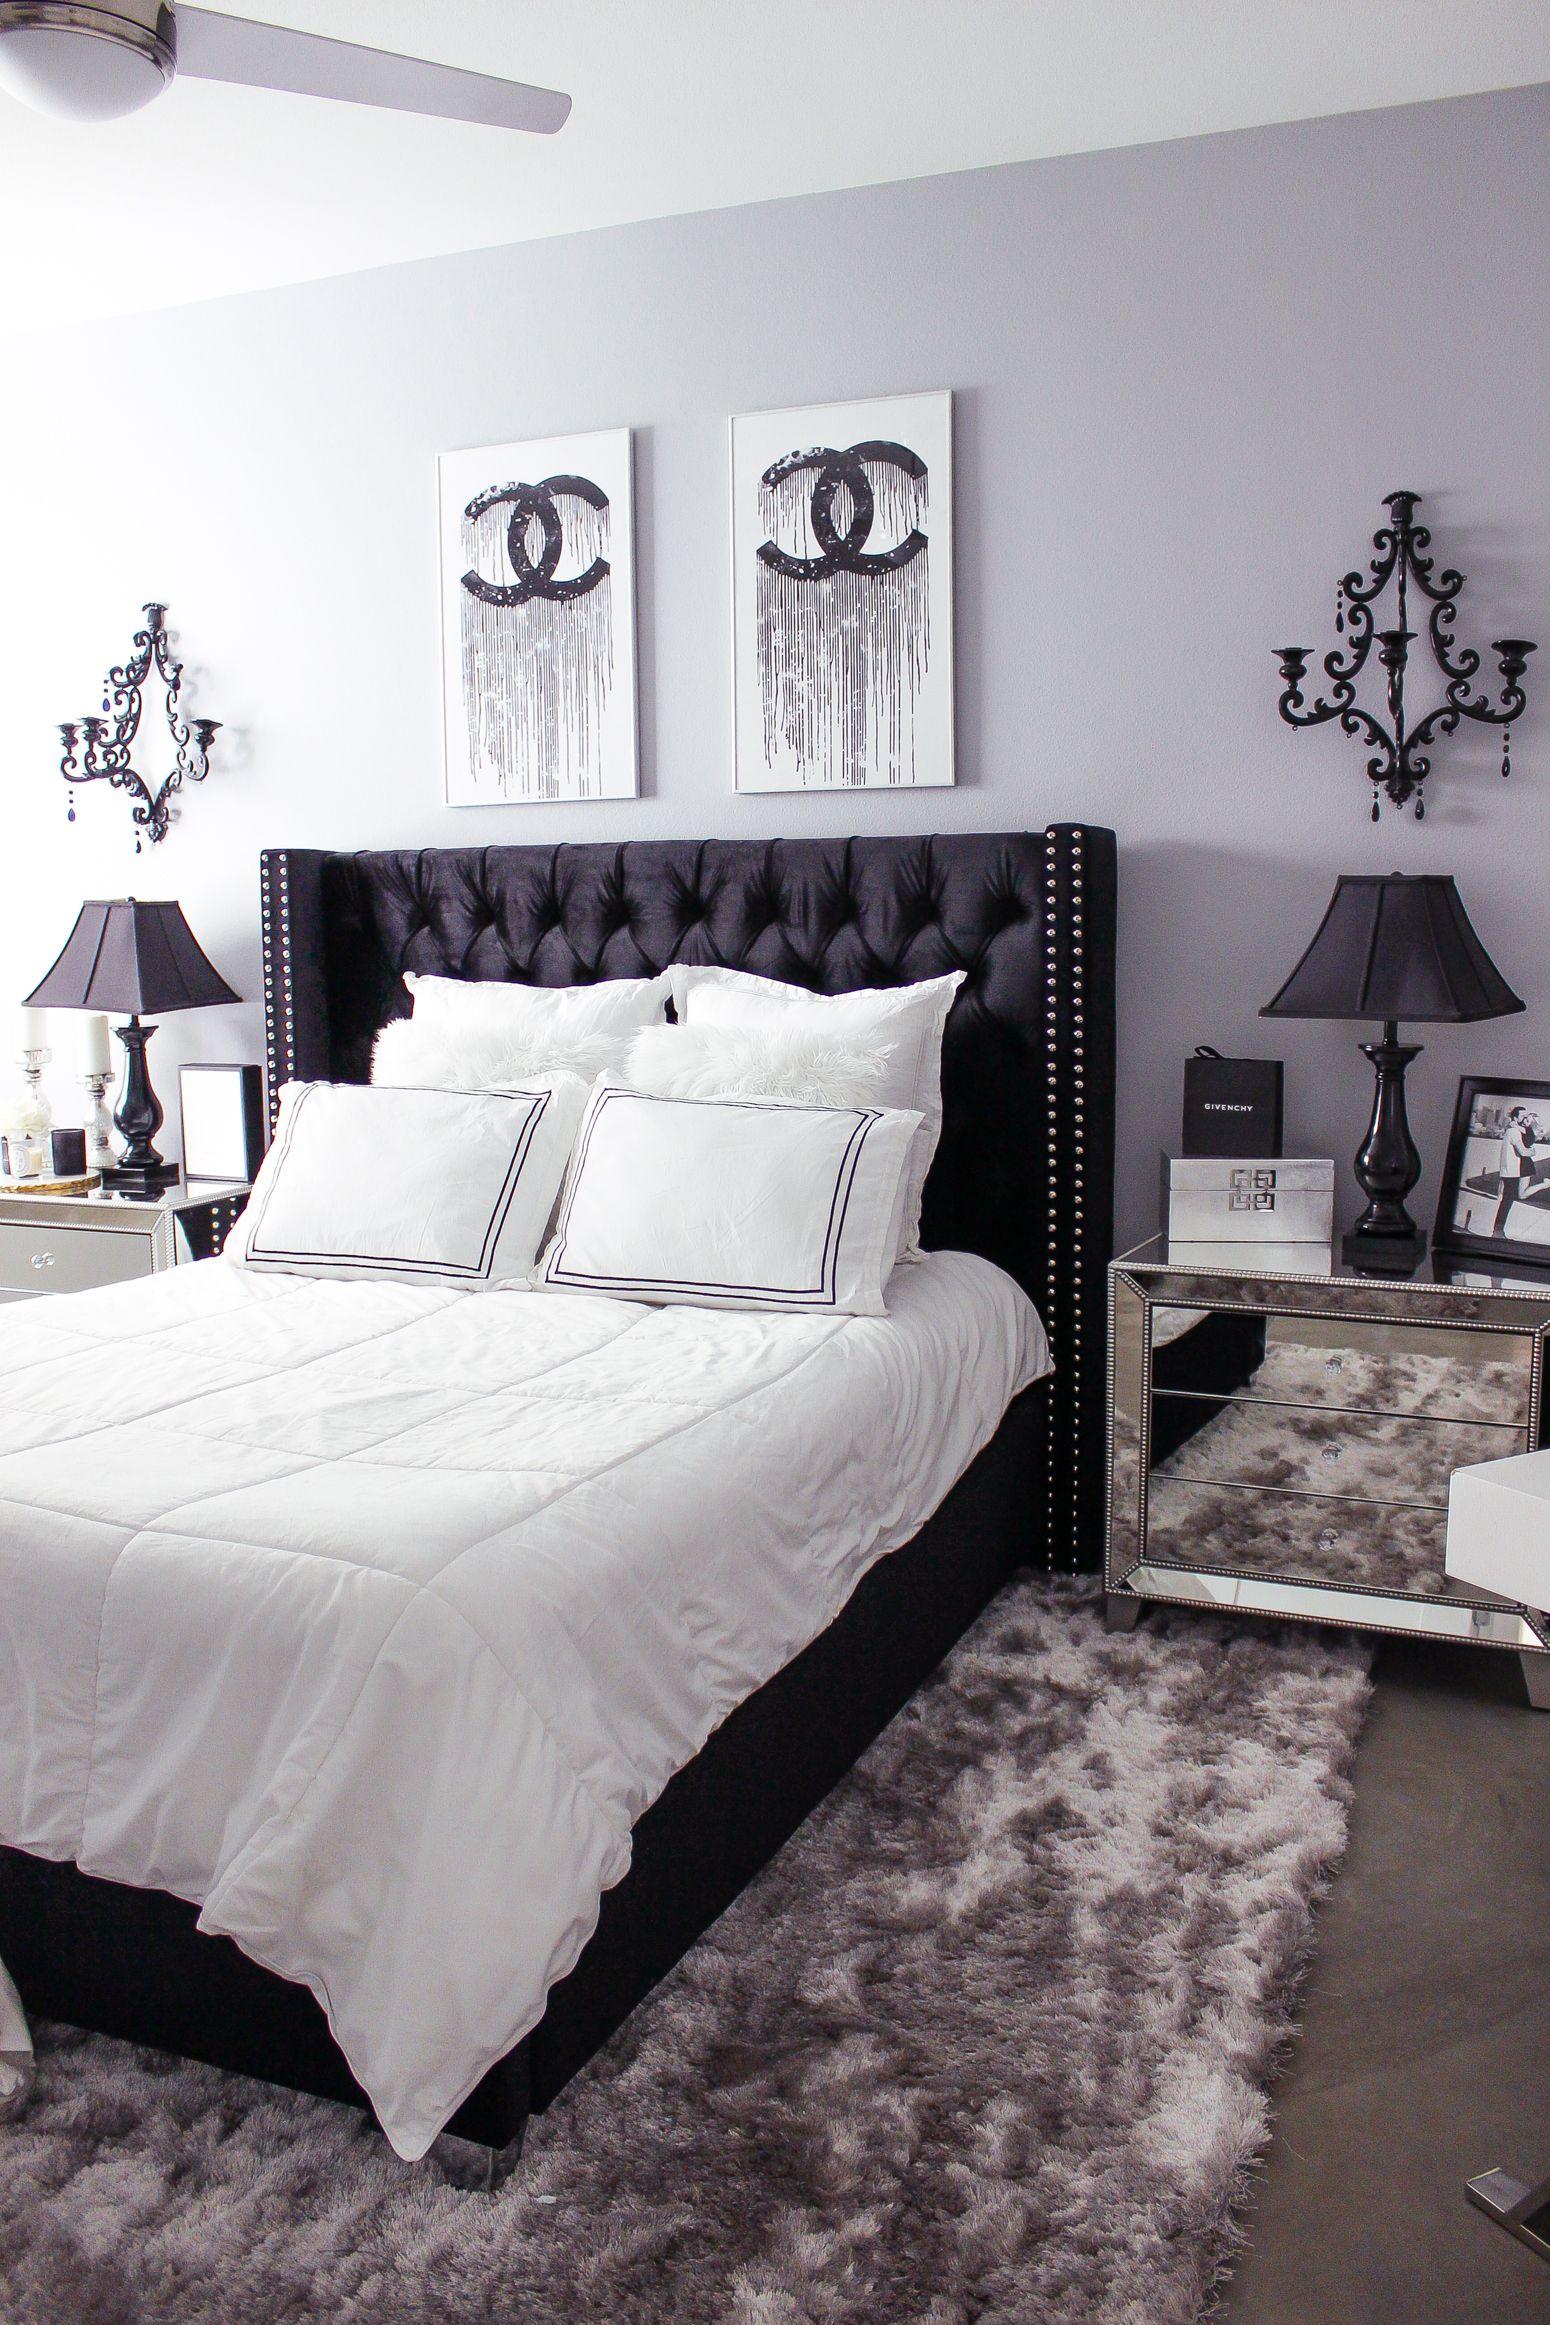 Black & White Bedroom Decor Reveal | White bedroom decor ...